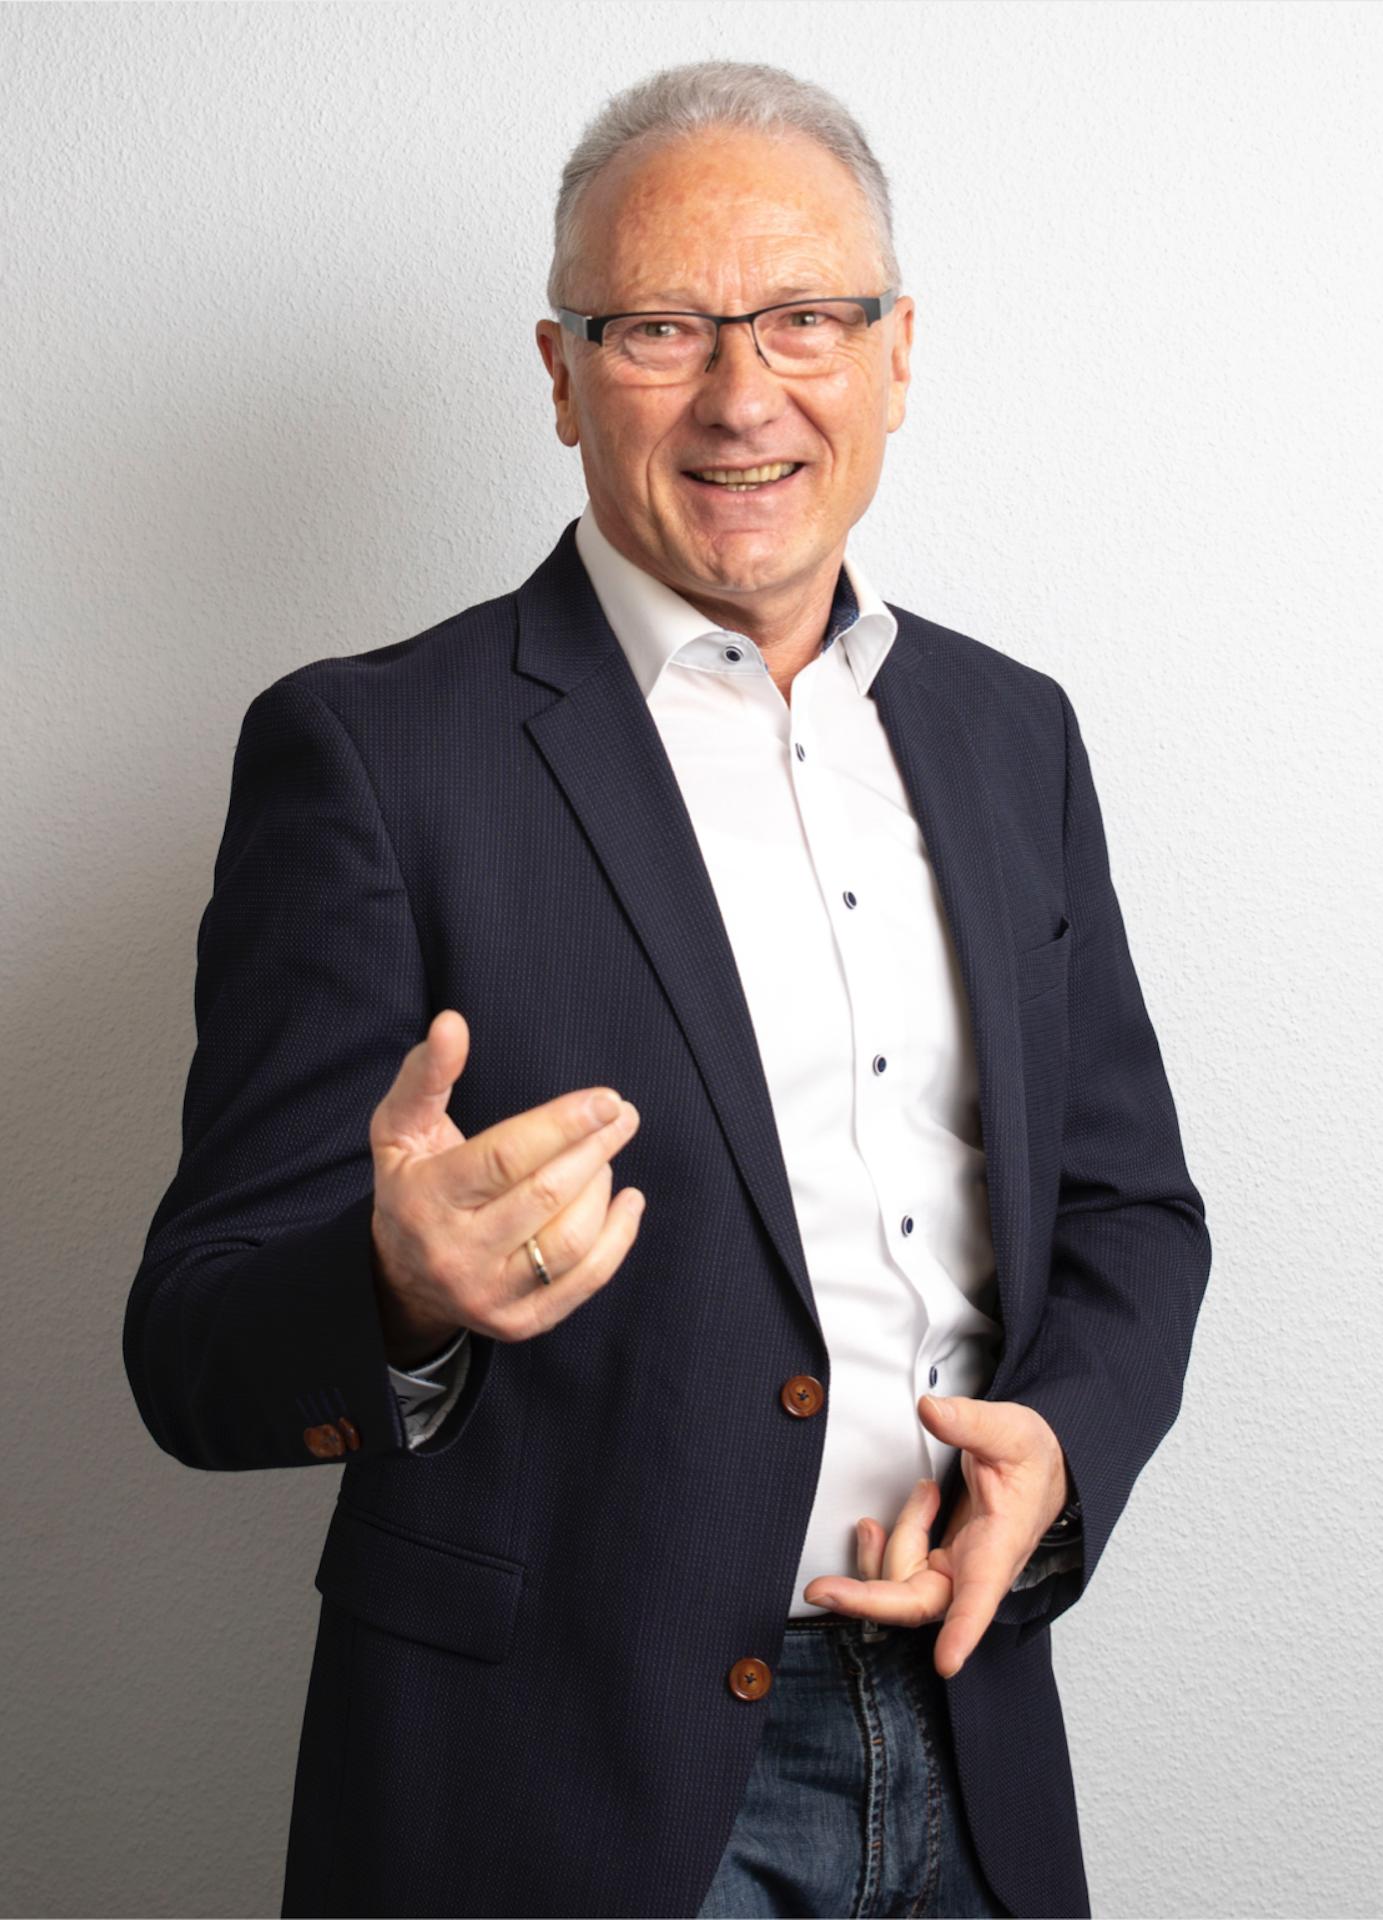 Werner Pfeifer Changework Portrait